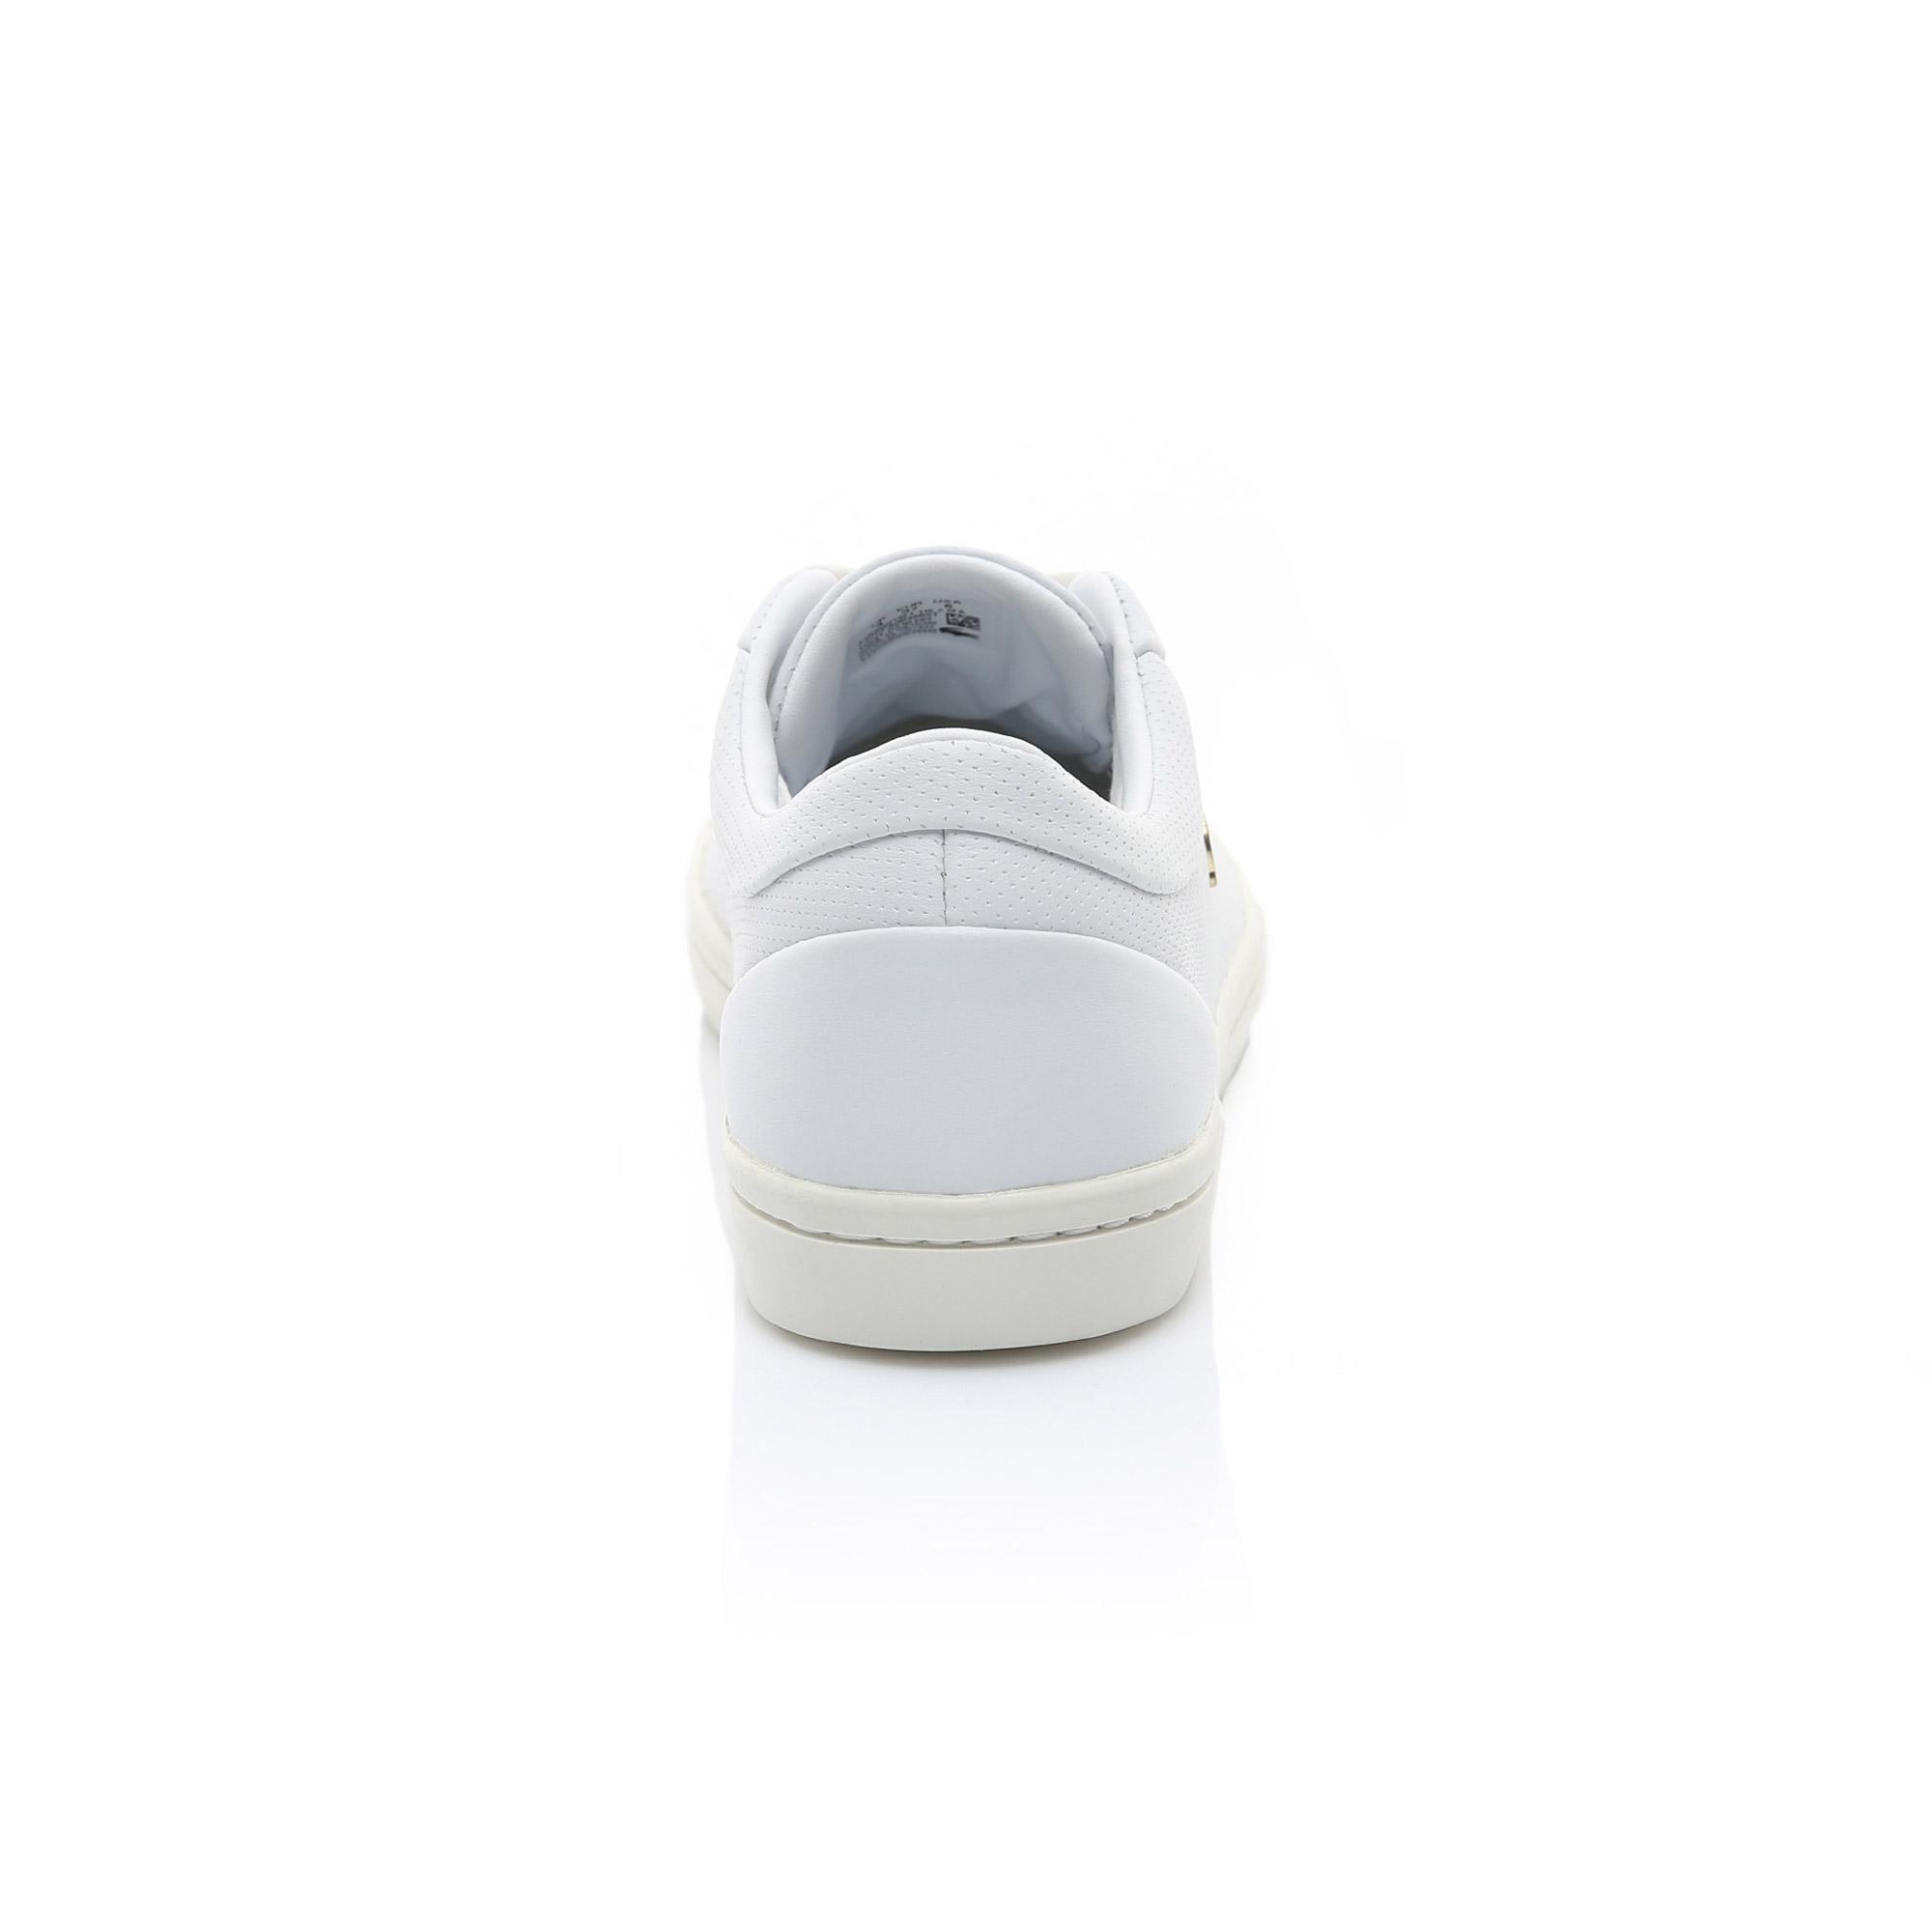 Lacoste Kadın Beyaz - Bej Straightset 119 2 Casual Ayakkabı